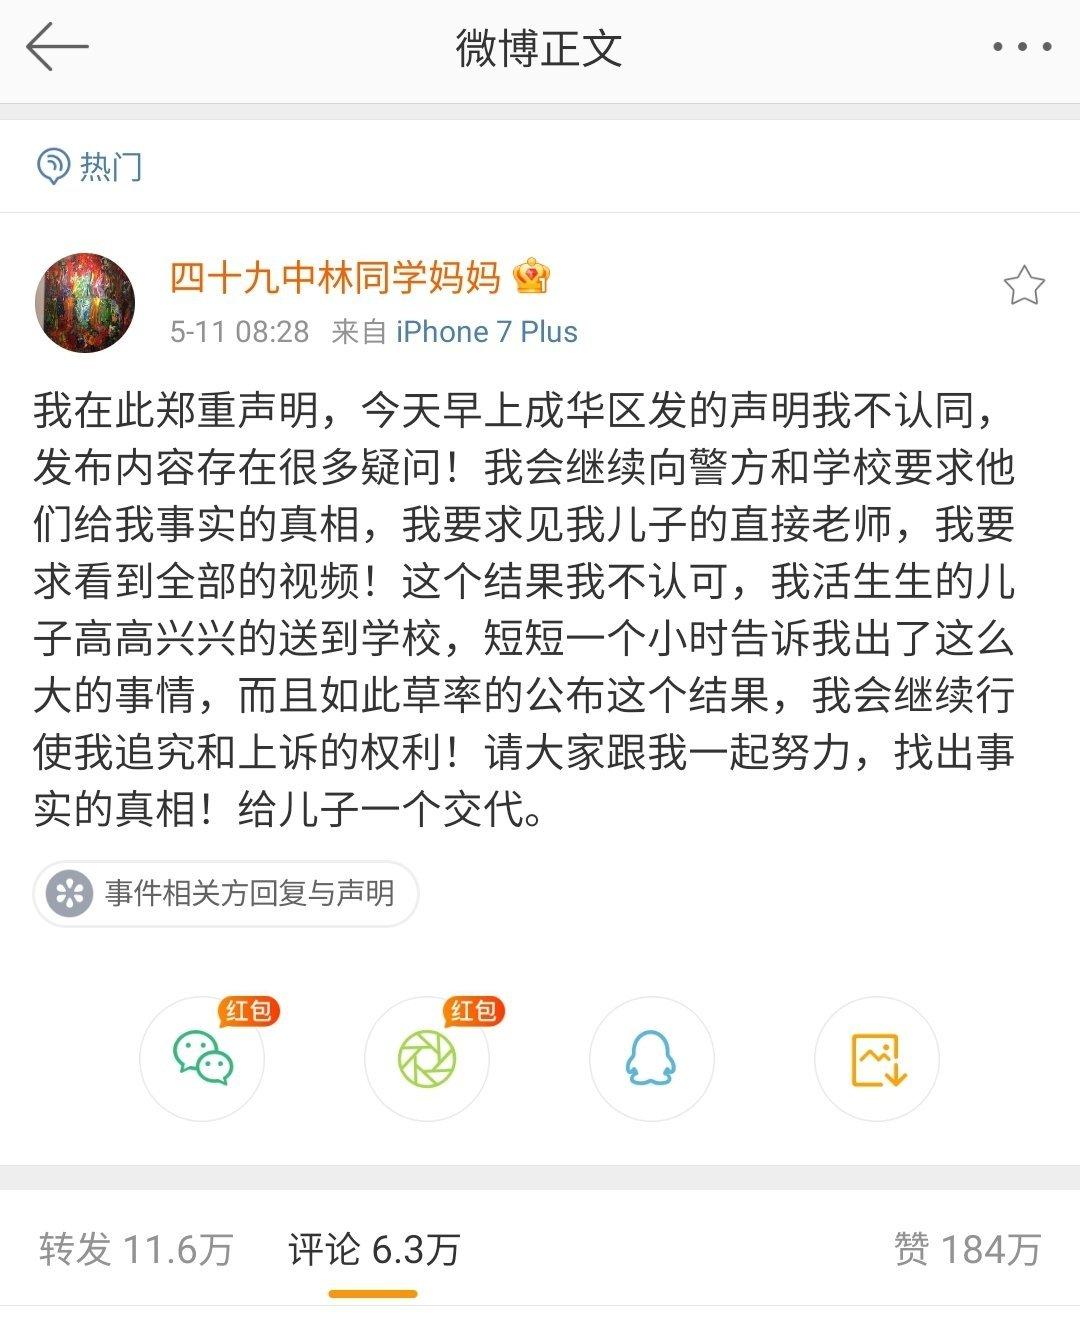 死者母親表示不認同成華區聲明。(微博截圖)